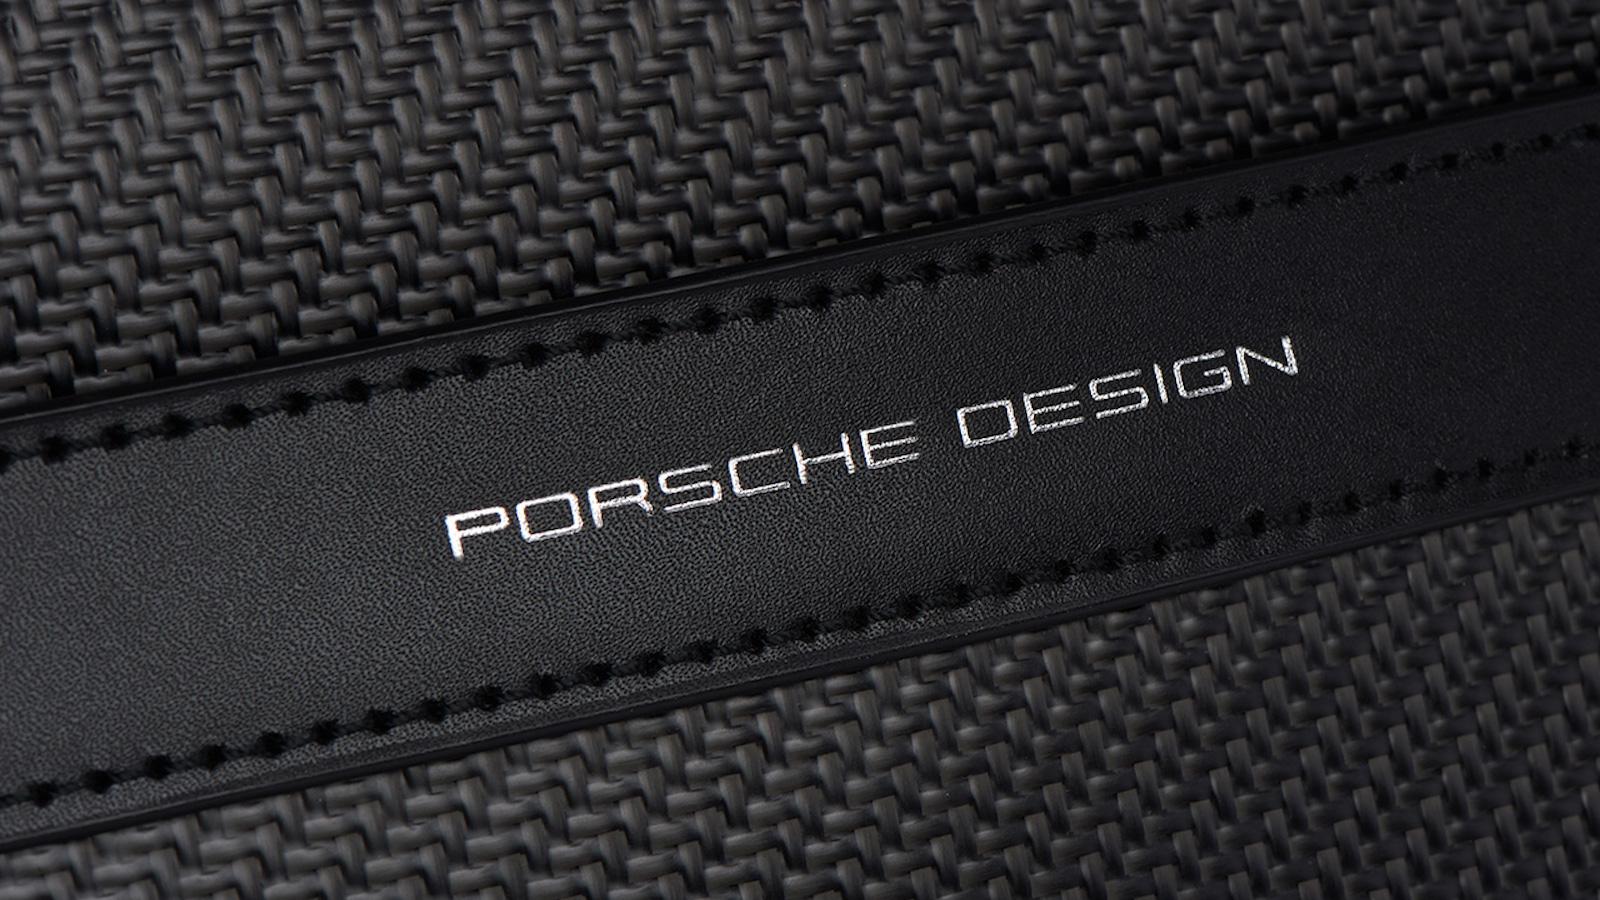 Porsche Design Carbon Briefbag MHZ durable luggage stores your laptop safely